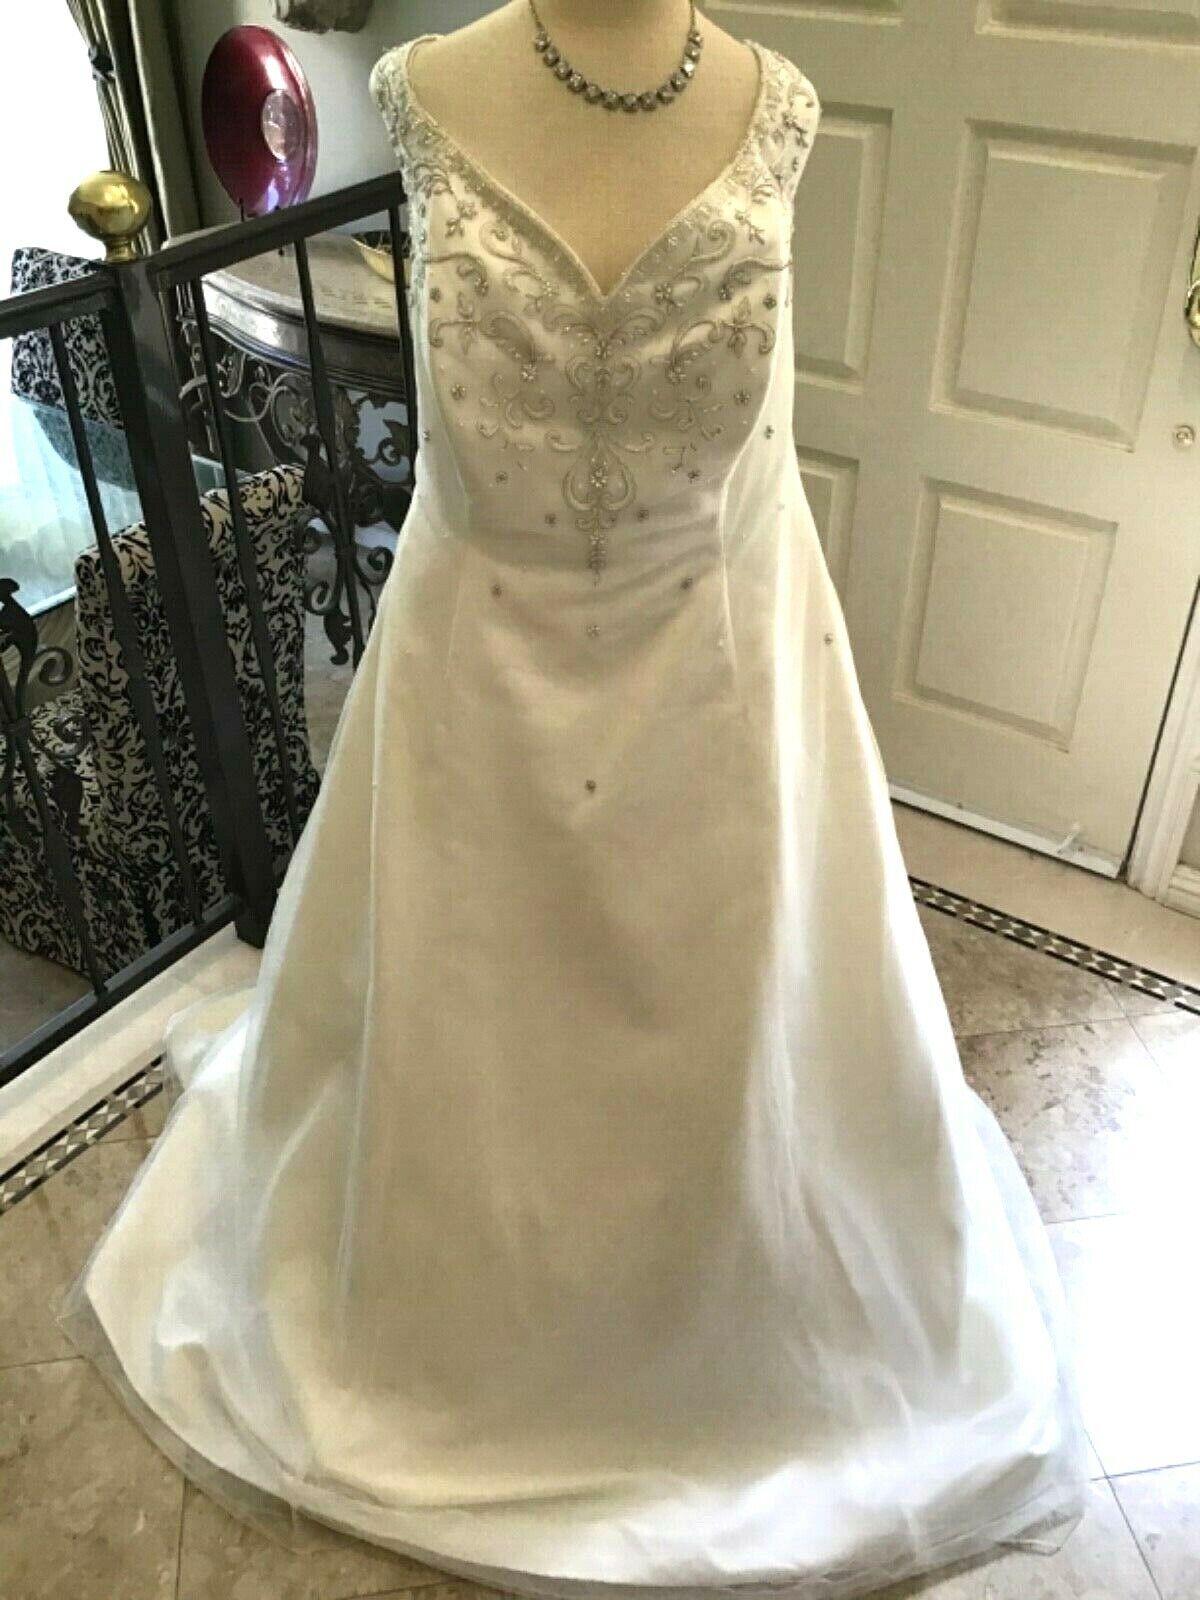 Mon Cheri Neu Braut Hochzeit Abendkleid Kleid A-Linie Schnürer Chiffon Ivory 20W